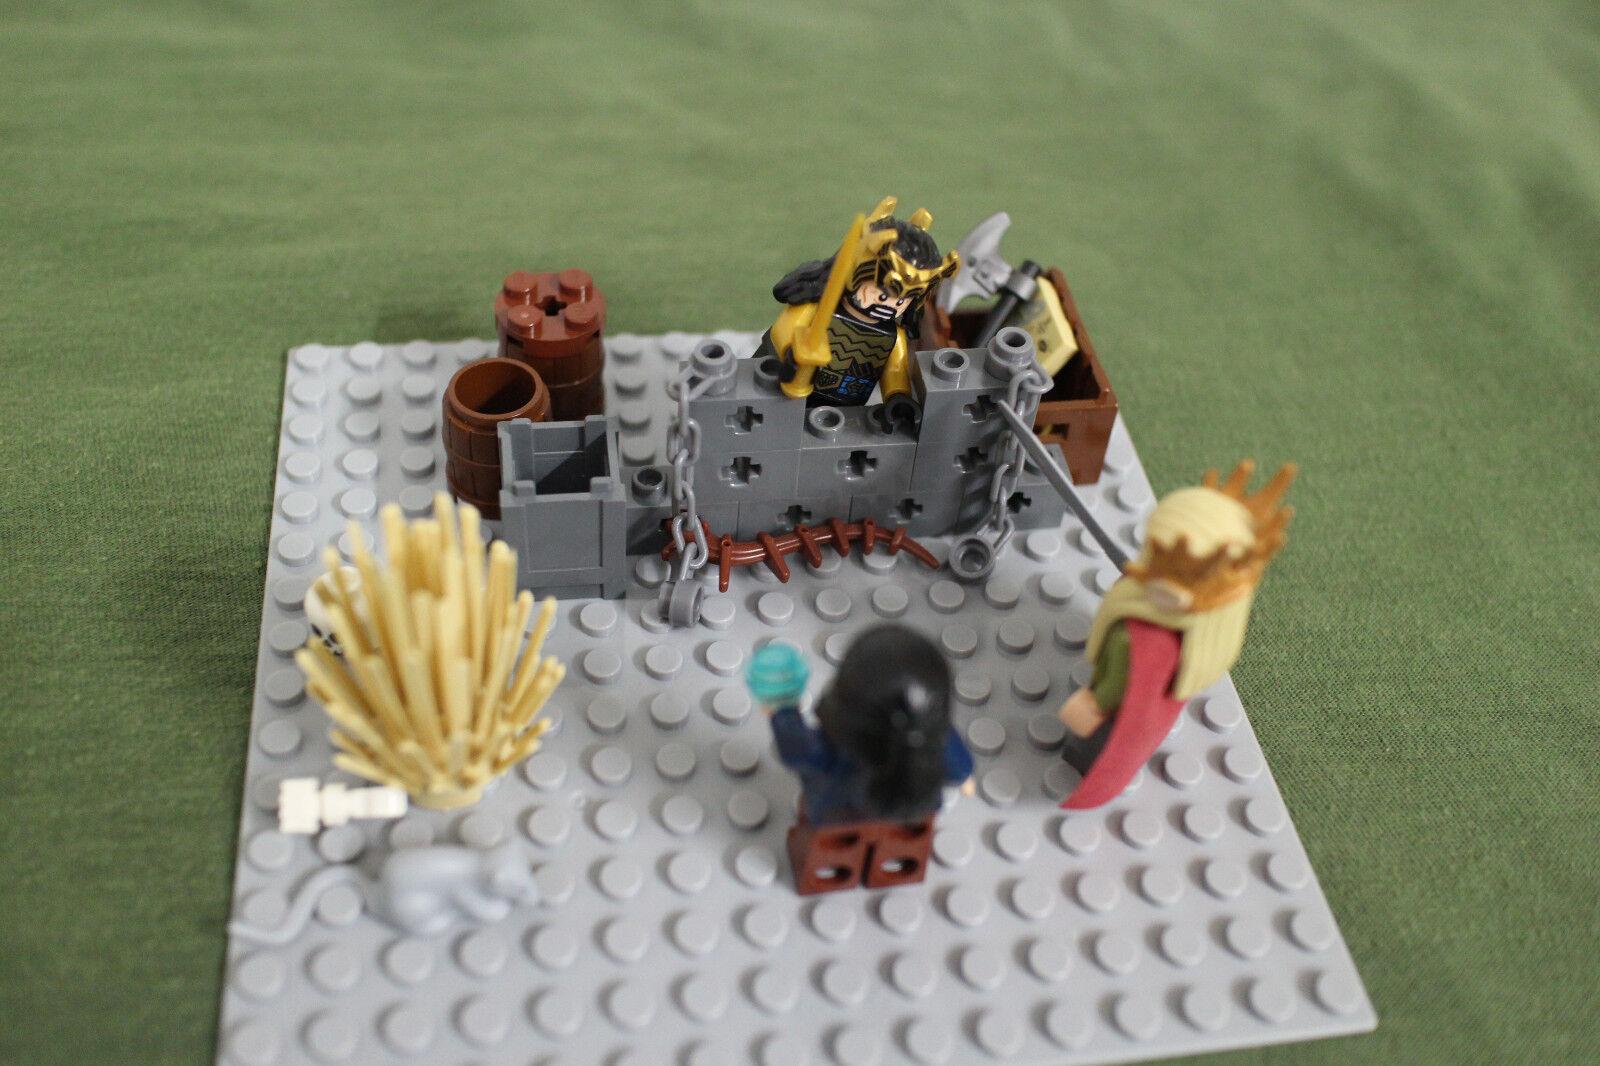 Lego König Thranduil König Thorin Bard